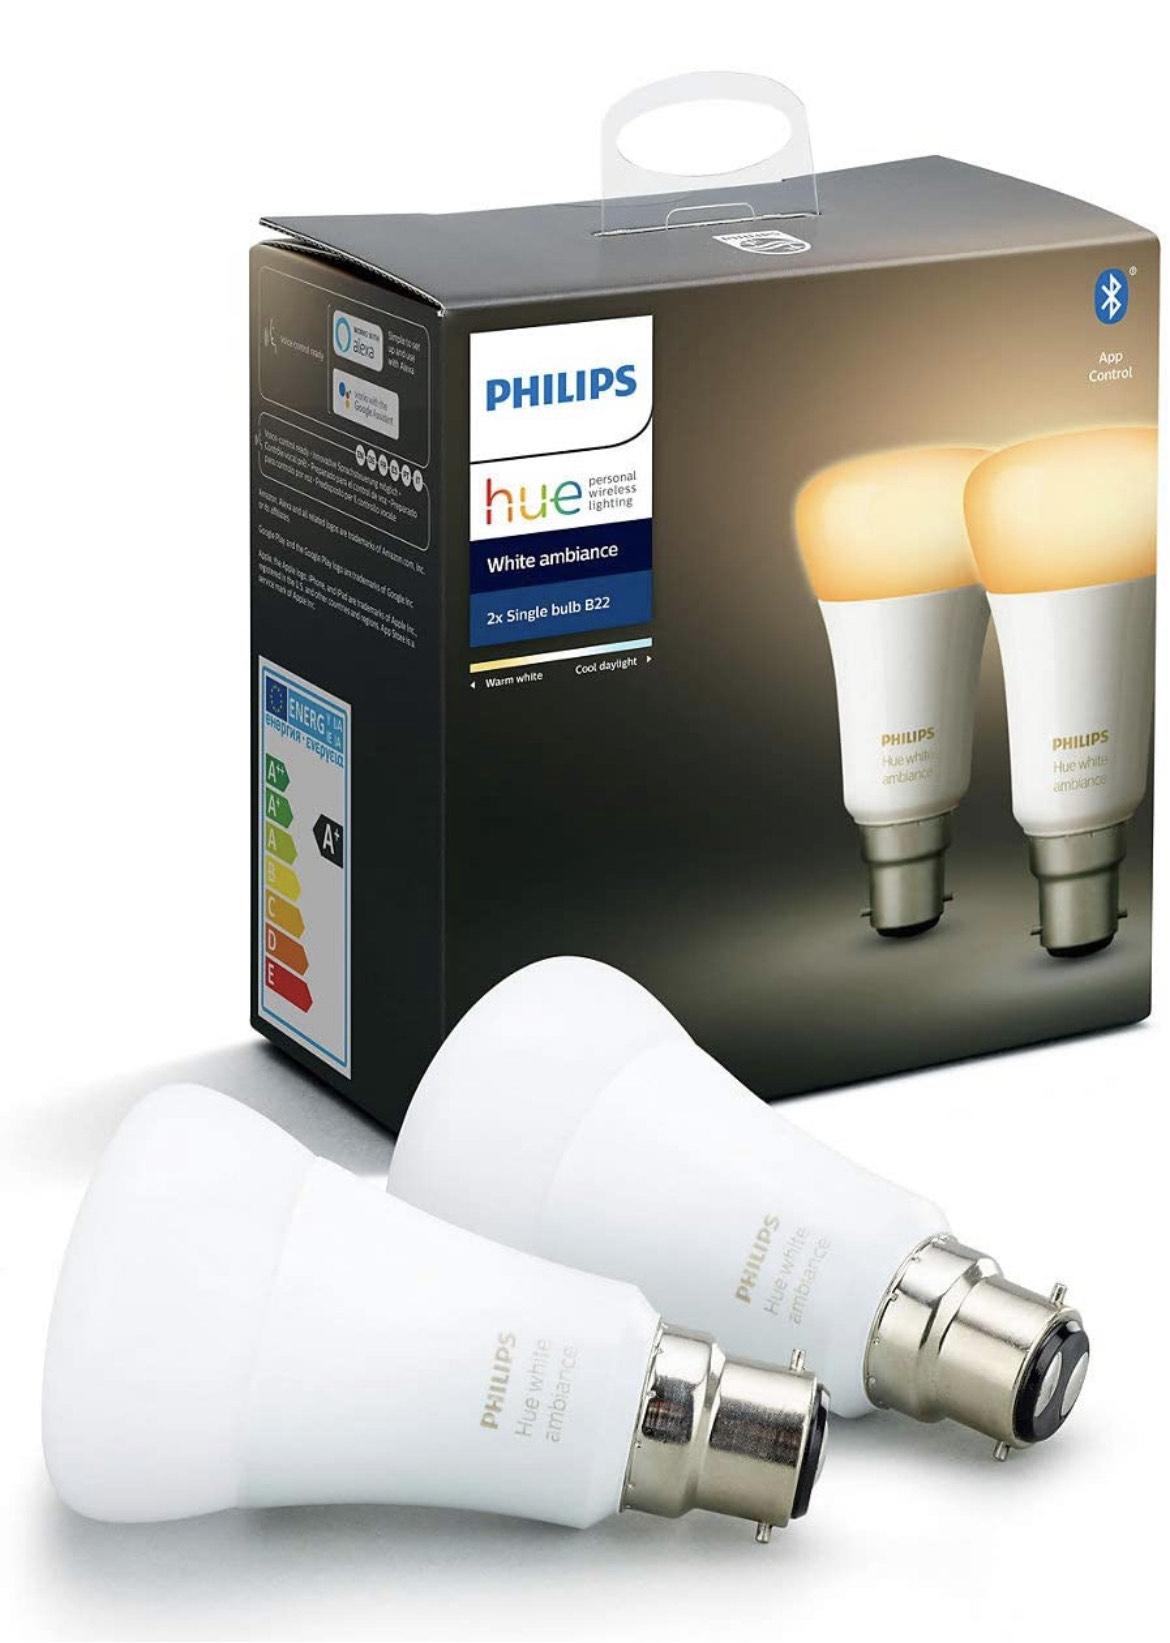 Pack de 2 ampoules connectées Philips Hue 2 white ambiance - B22